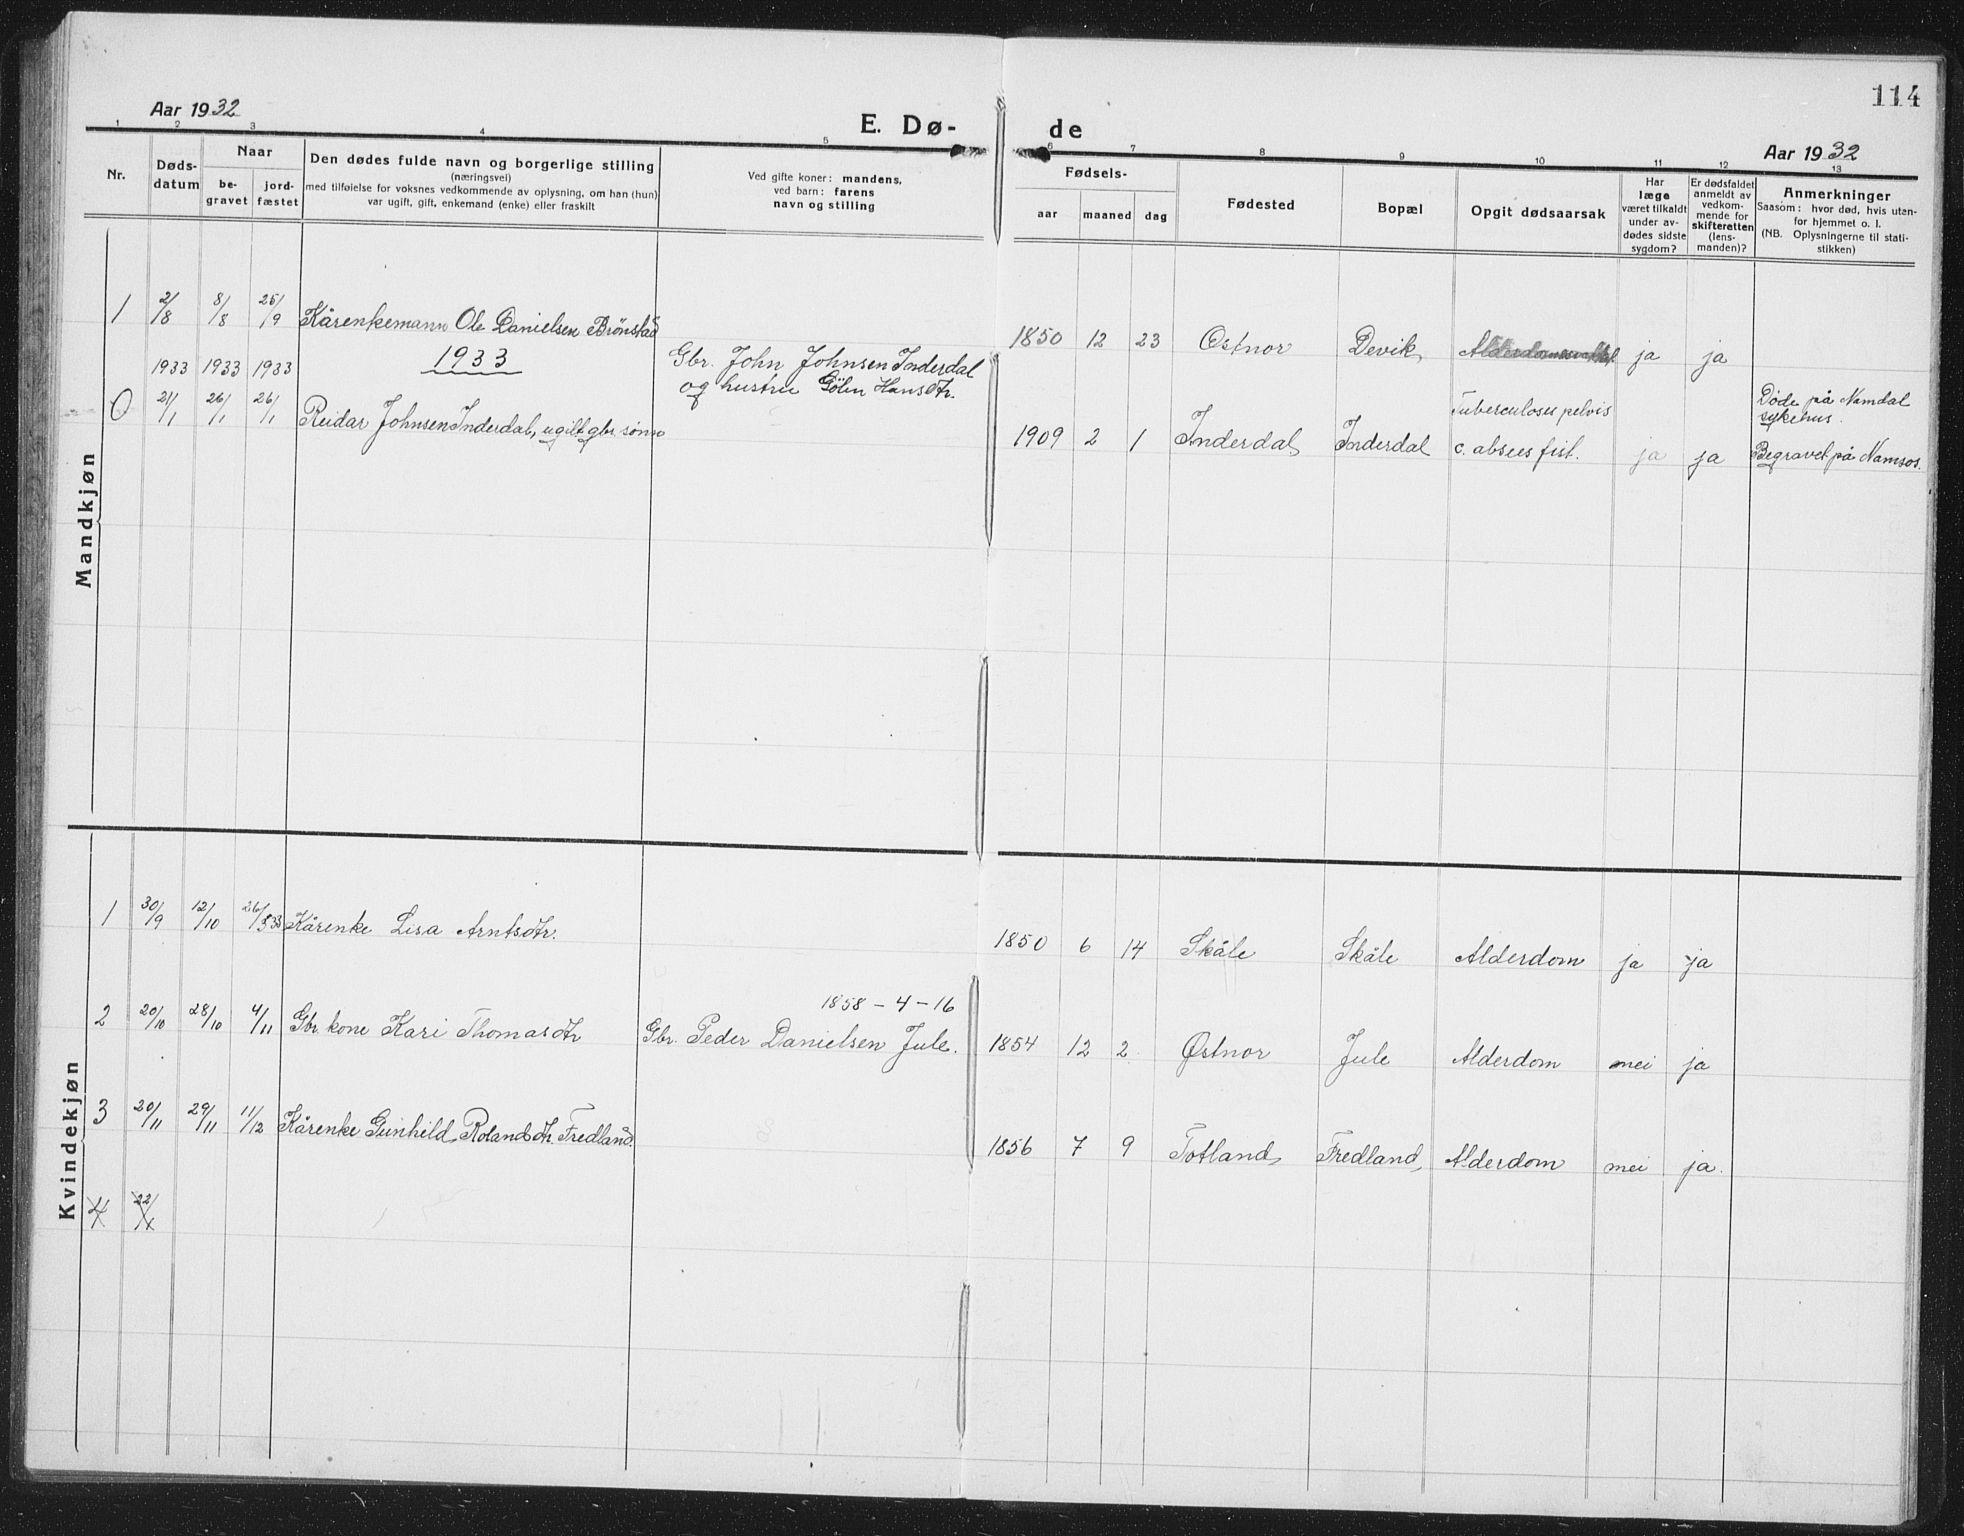 SAT, Ministerialprotokoller, klokkerbøker og fødselsregistre - Nord-Trøndelag, 757/L0507: Klokkerbok nr. 757C02, 1923-1939, s. 114